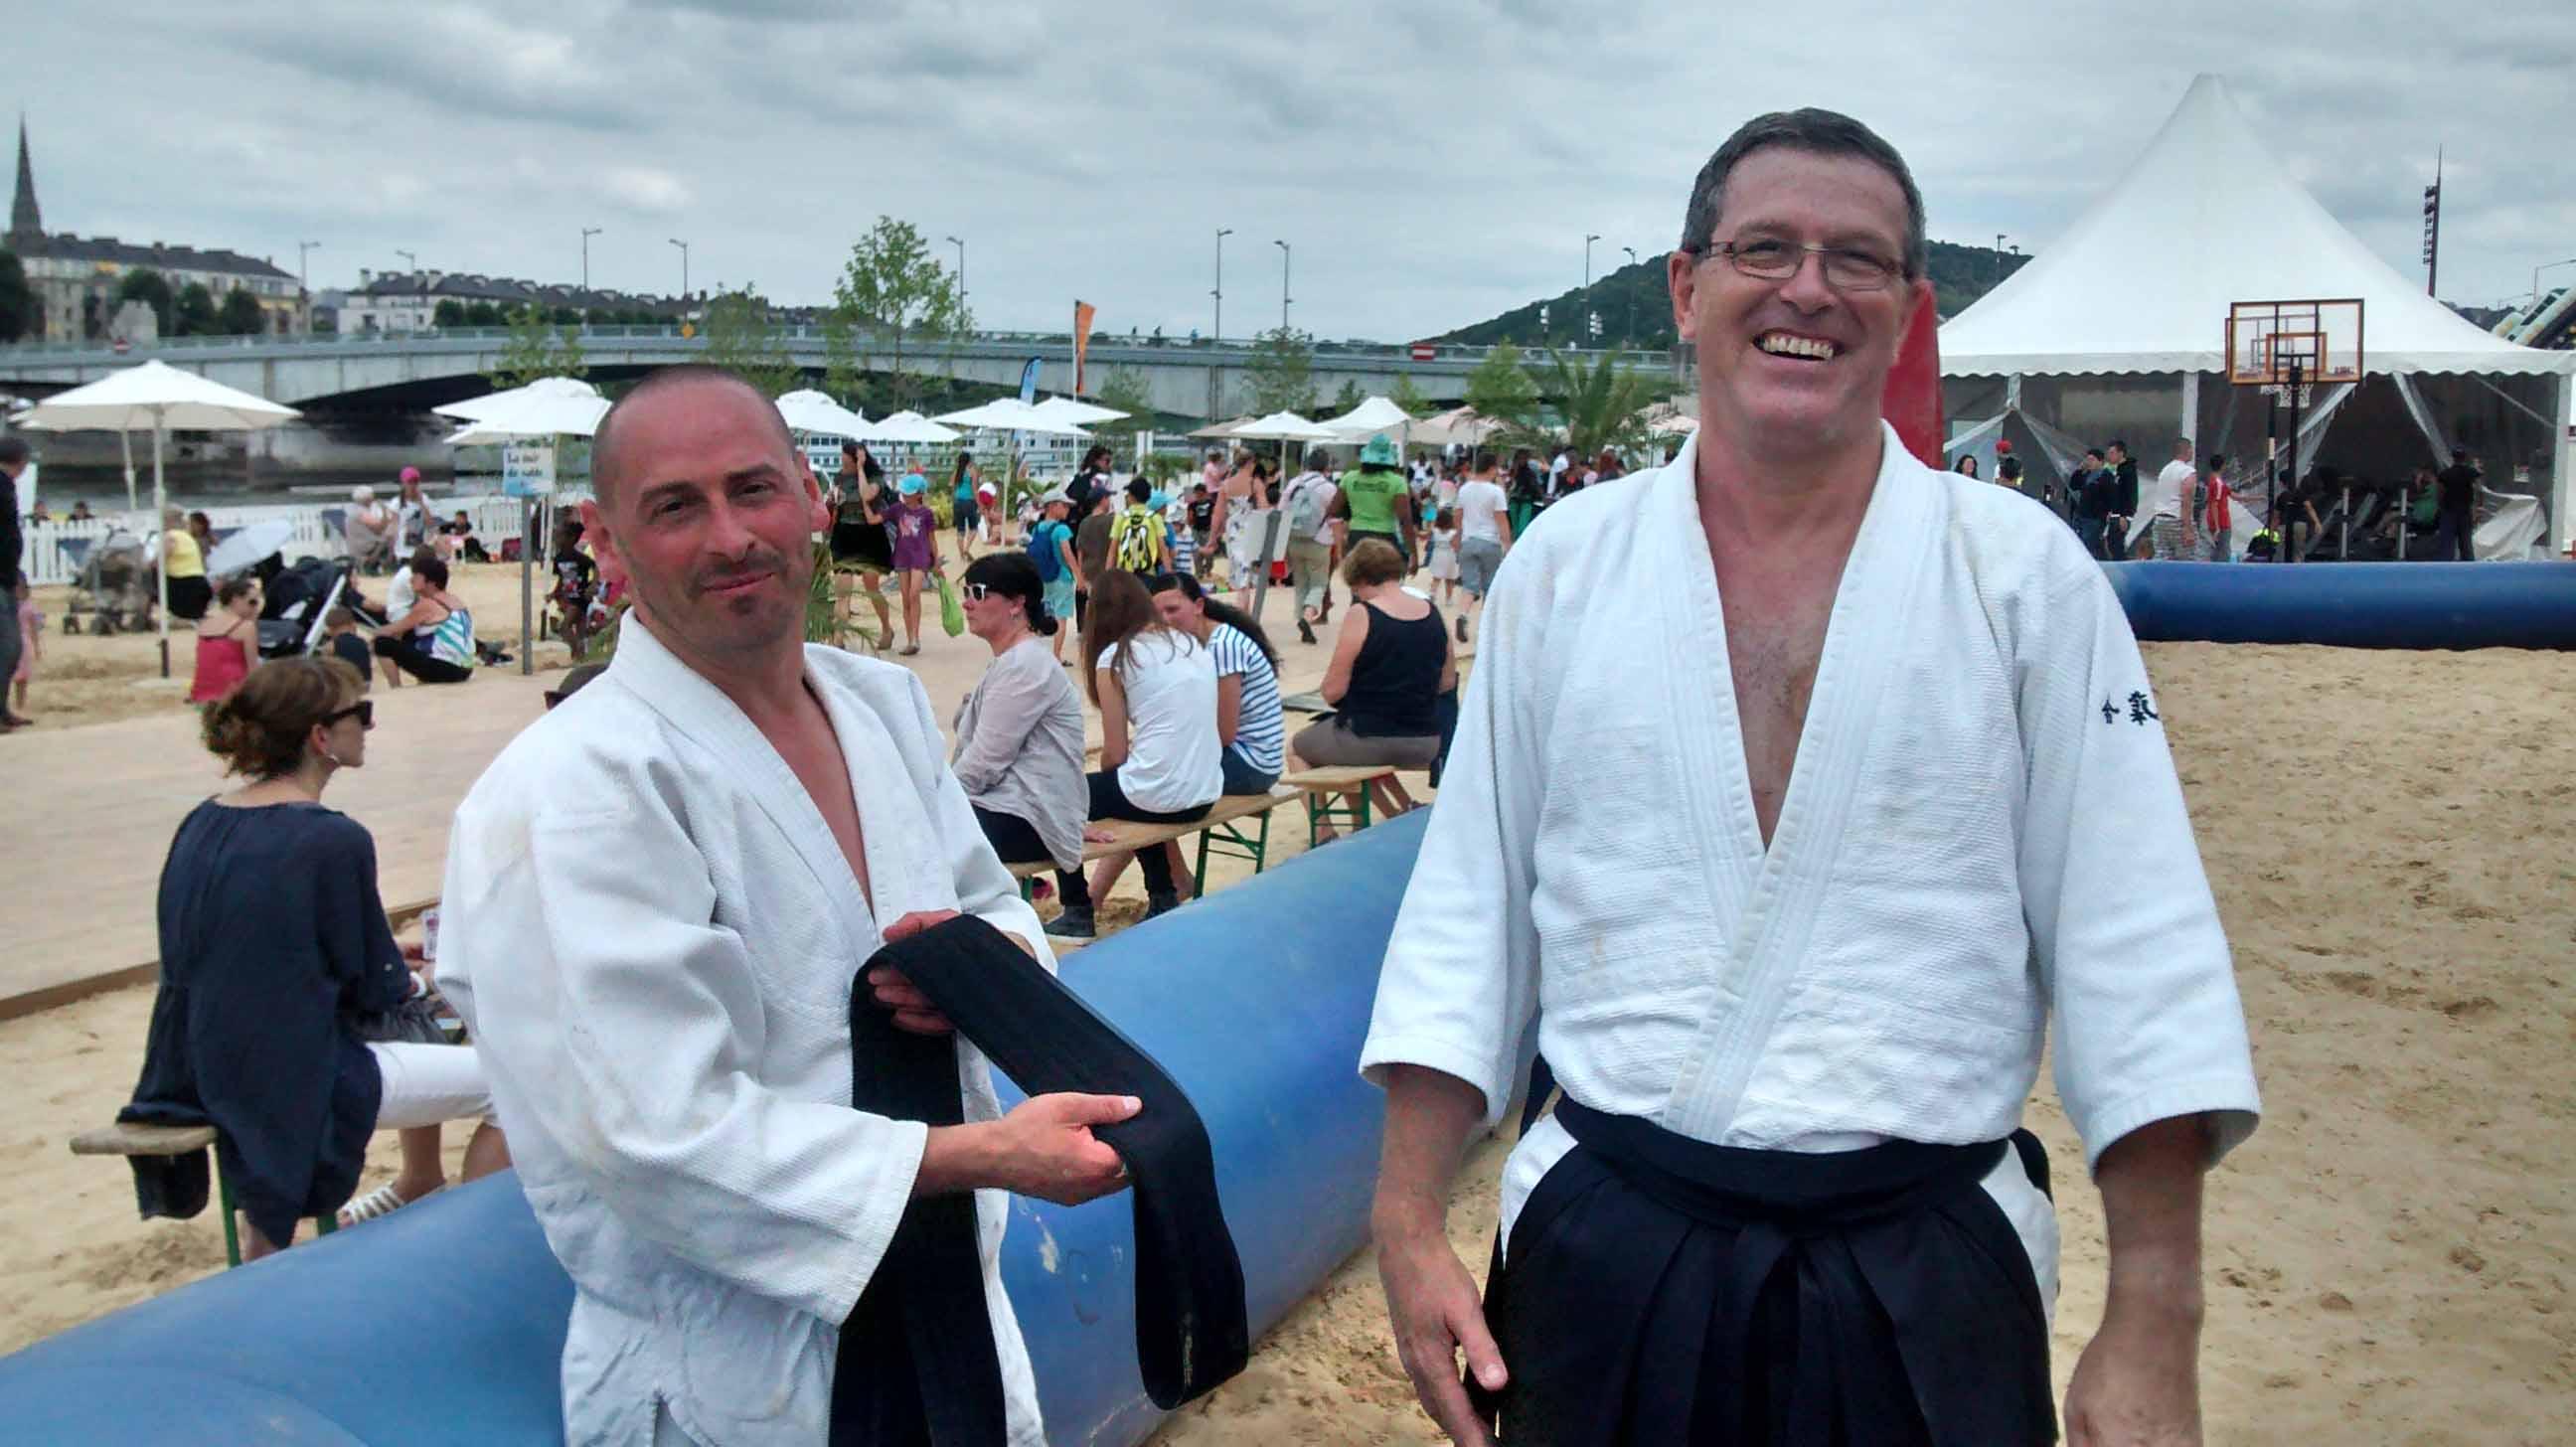 L'Aïkido club à Rouen sur Mer